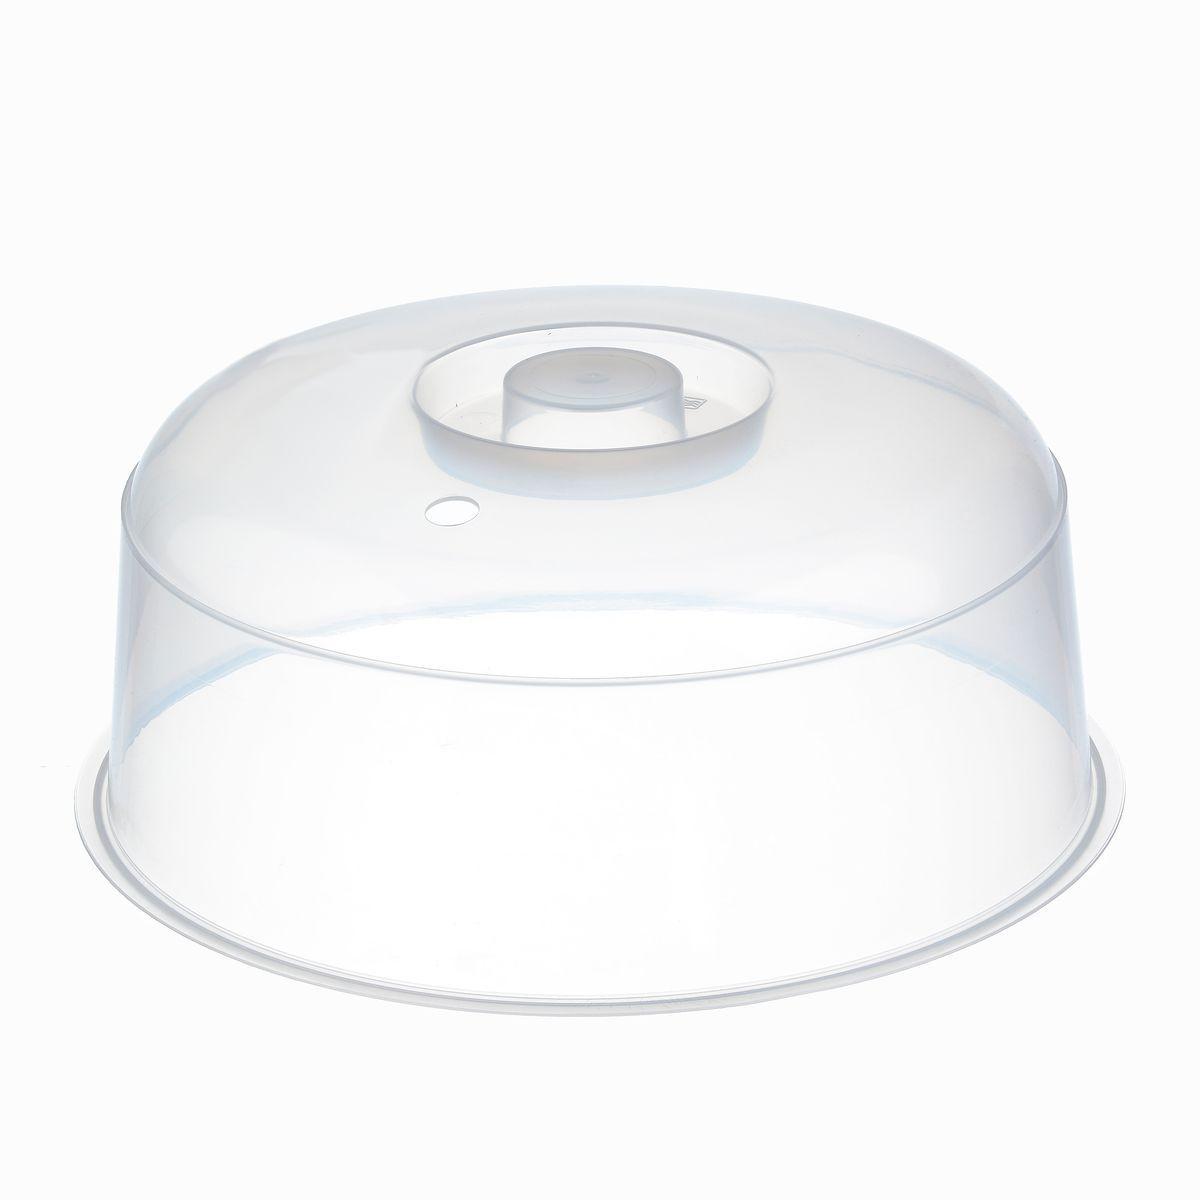 Крышка для СВЧ Idea, цвет: прозрачный, диаметр 24,5 смMT-3759Крышка для СВЧ Idea с отверстием для выпуска пара предохраняет внутреннюю поверхность микроволновой печи от брызг во время разогрева пищи. Изготовлена из высококачественного пищевого пластика.Диаметр крышки: 24,5 см.